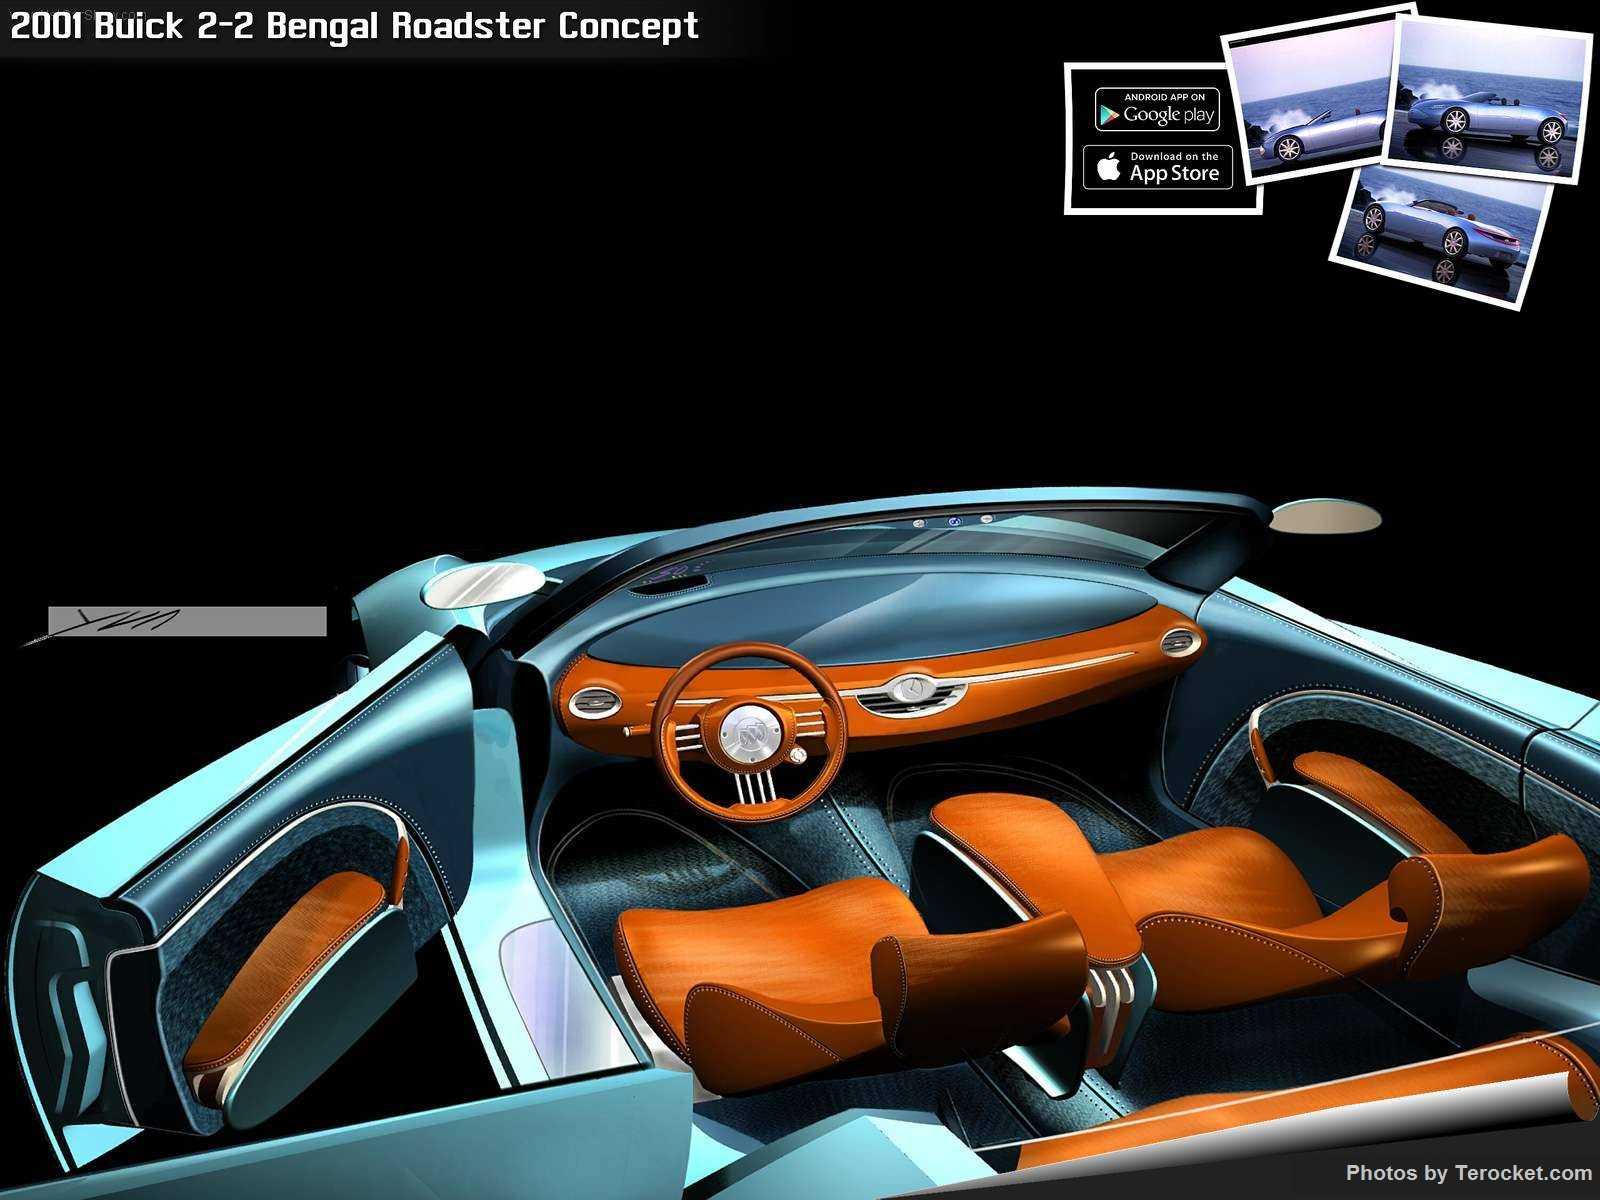 Hình ảnh xe ô tô Buick 2-2 Bengal Roadster Concept 2001 & nội ngoại thất